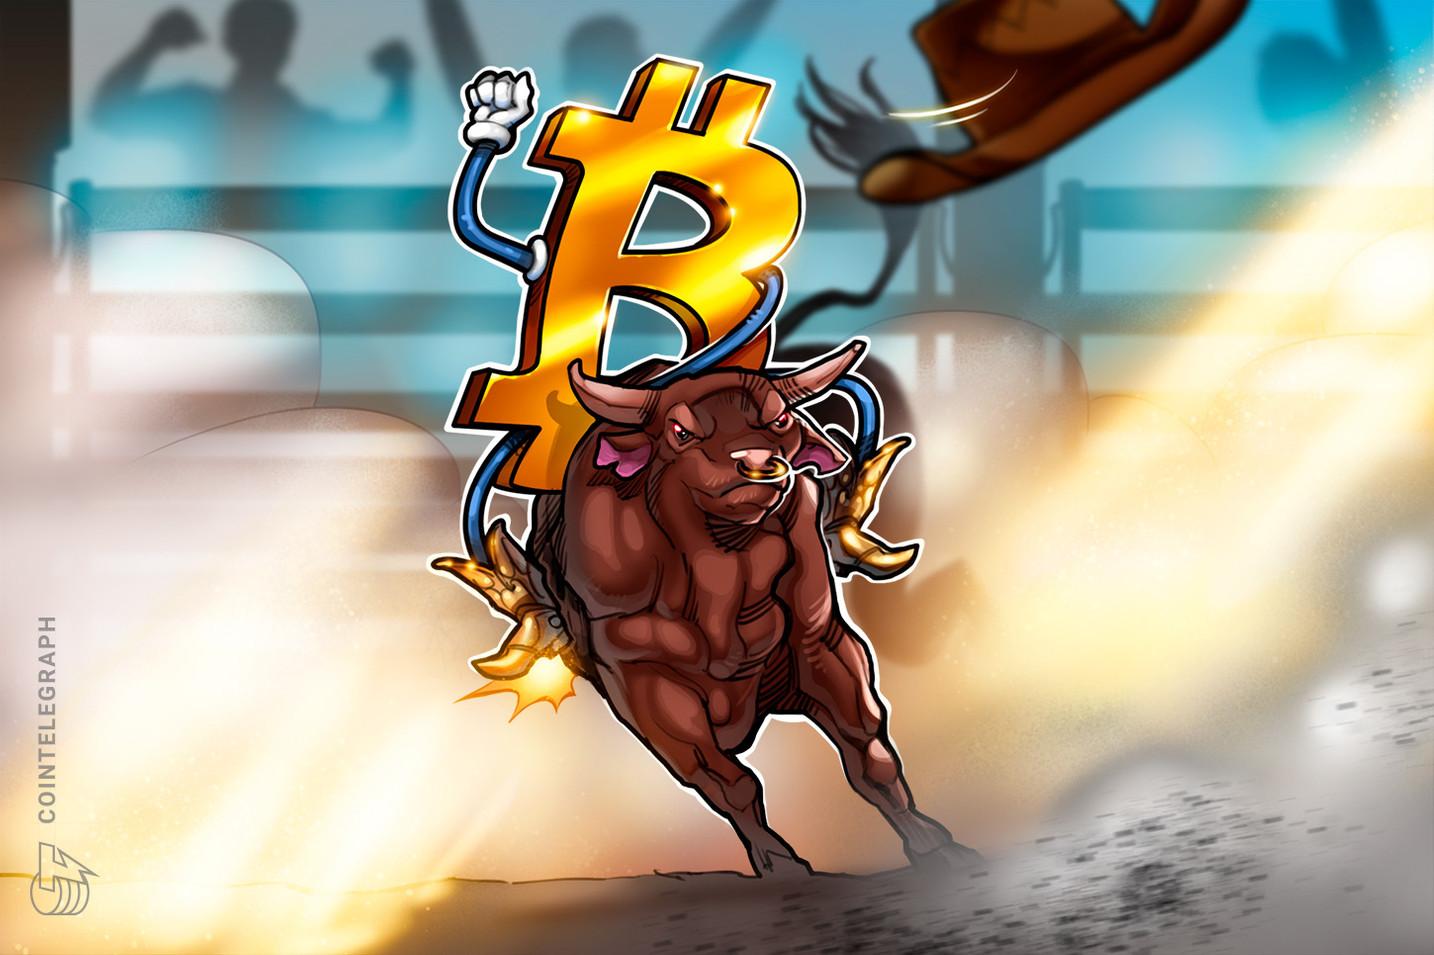 Sự thống trị của Bitcoin một lần nữa gia tăng khi thị trường tiền điện tử phục hồi